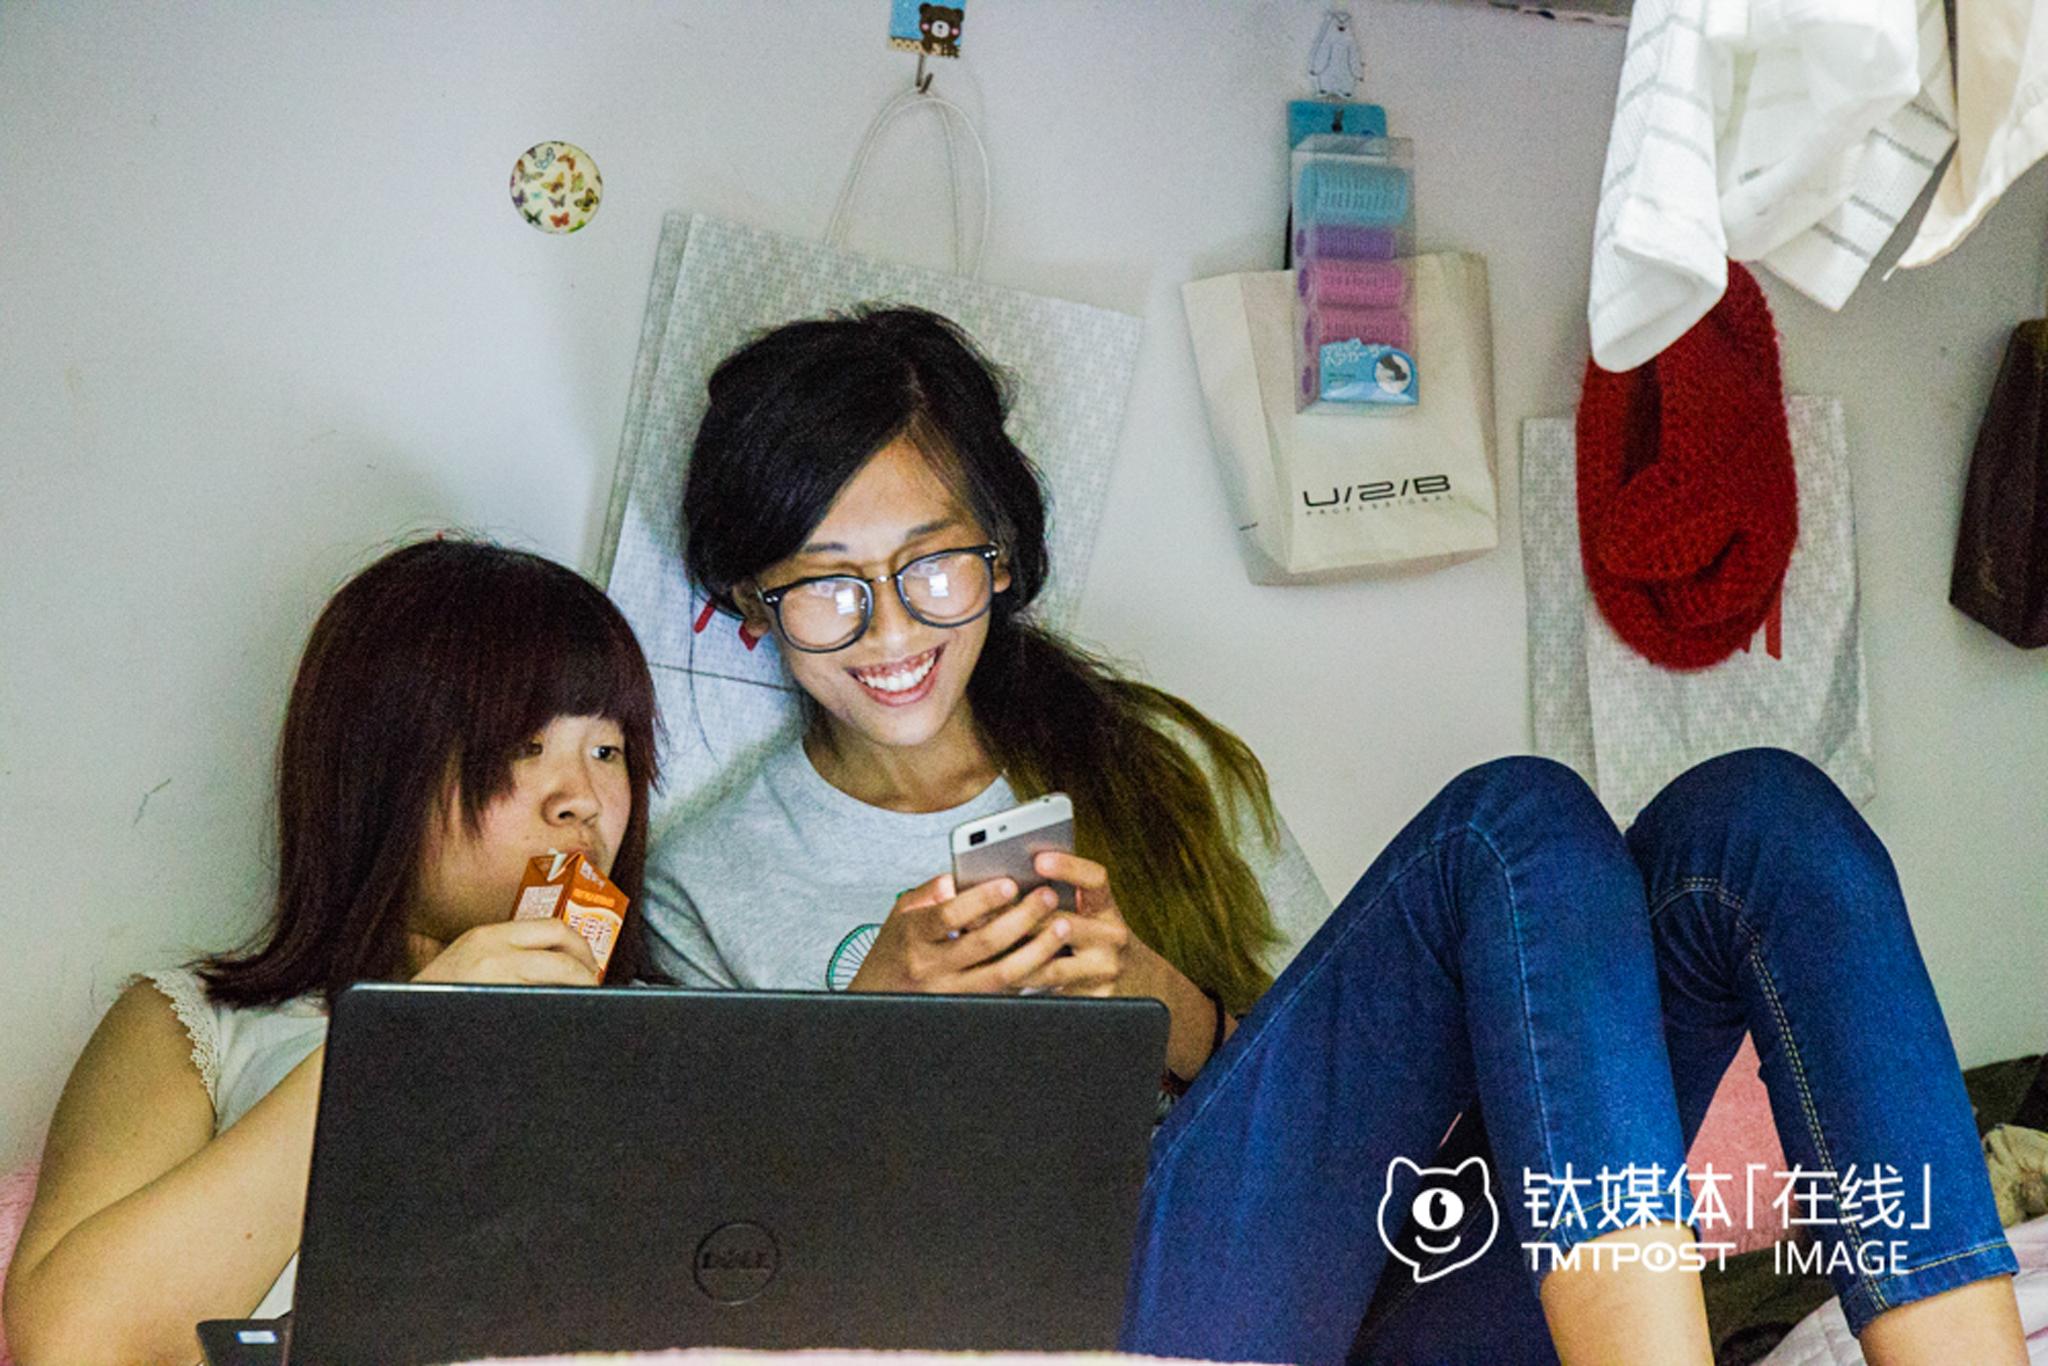 鹿三(右)与室友会偶尔讨论一下Cosplay,但室友们并不感兴趣。她从小学开始喜欢动漫,中学进入Cos圈。这是一个生活在二次元的女孩,大学室友是她在三次元世界少有的几个朋友,他的朋友大都在二次元世界。